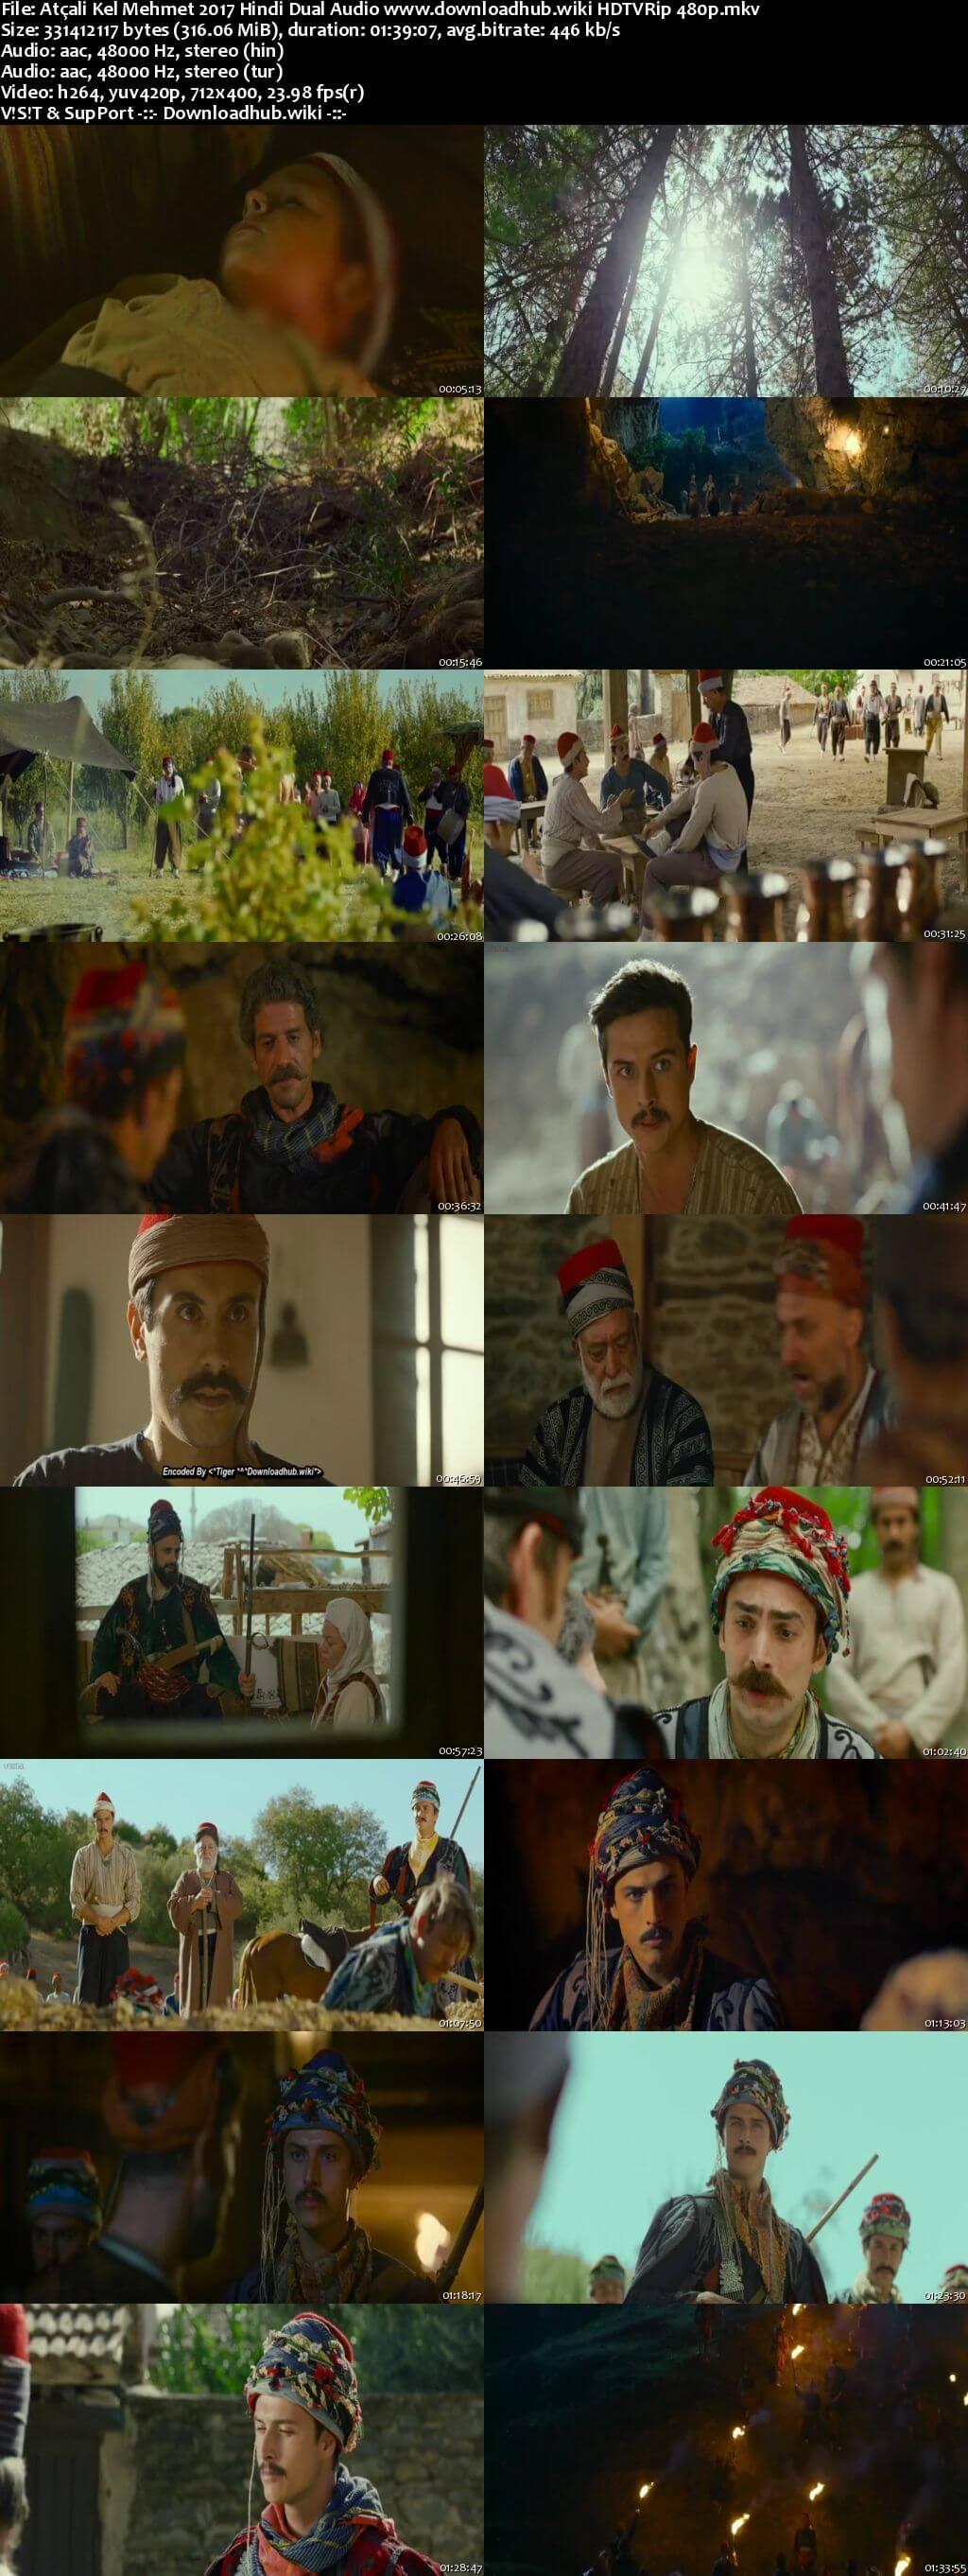 Atçali Kel Mehmet 2017 Hindi Dual Audio 300MB HDTVRip 480p